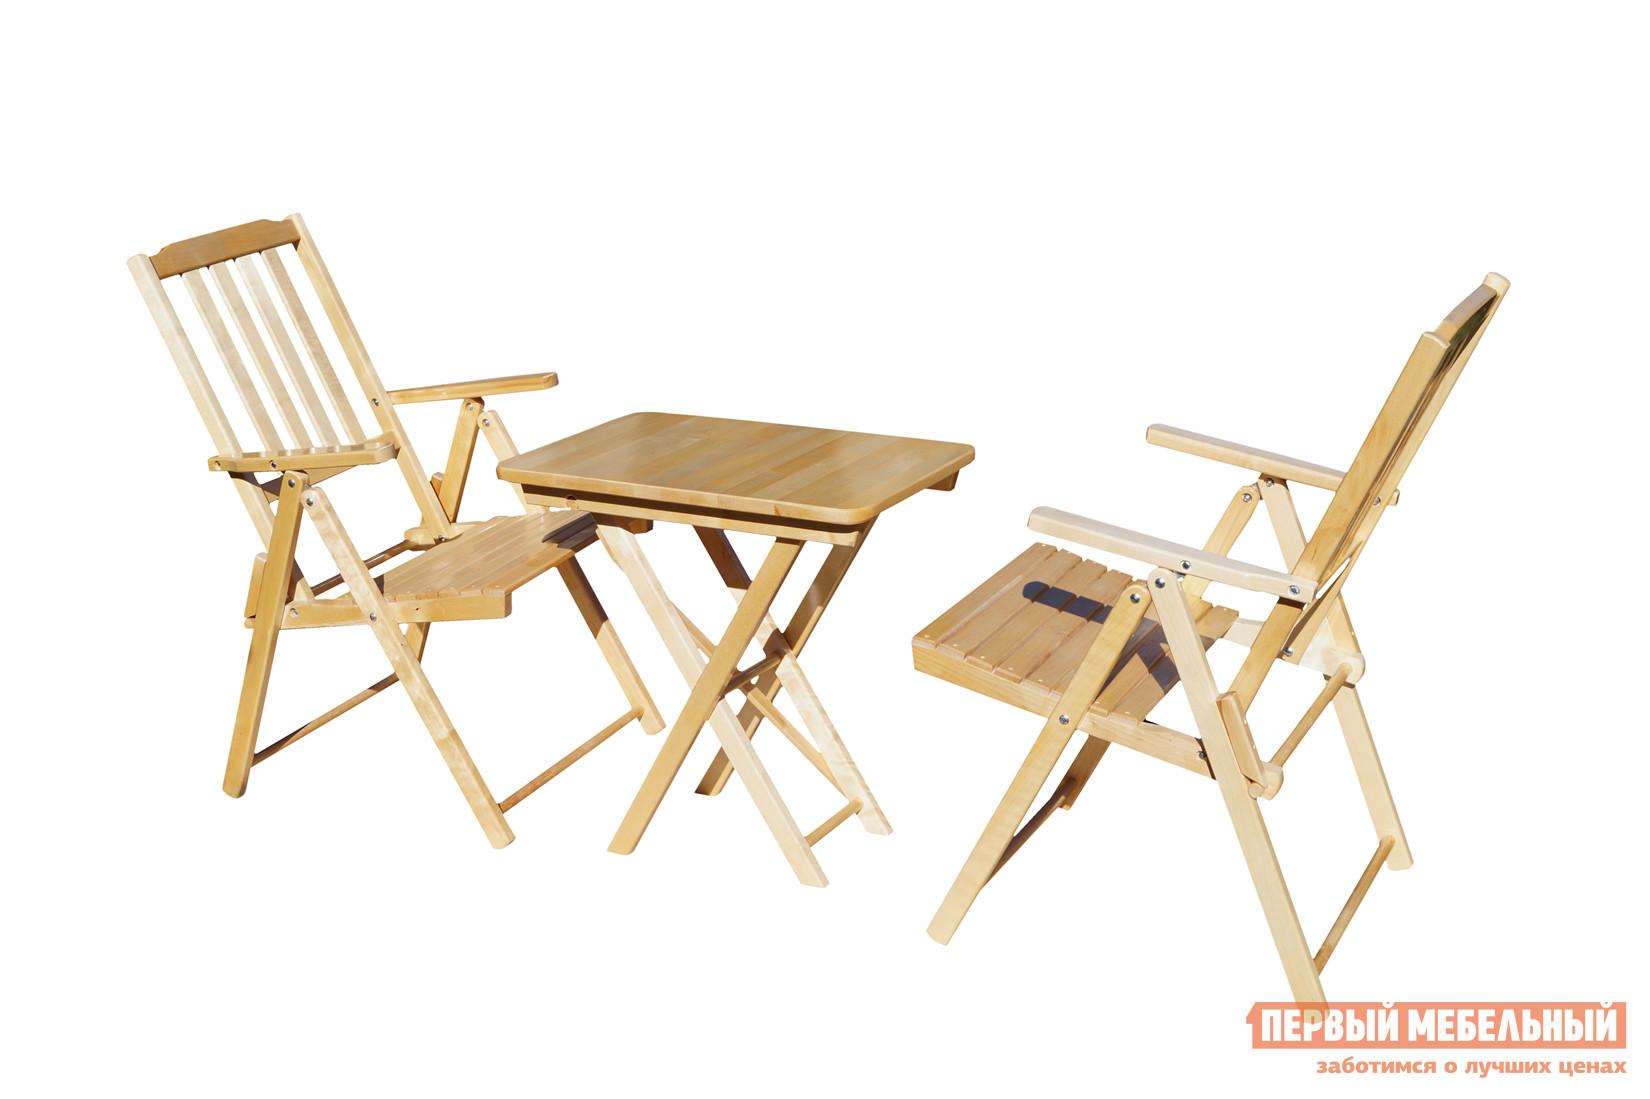 Комплект садовой мебели СМКА СМ011Б + СМ047Б Береза